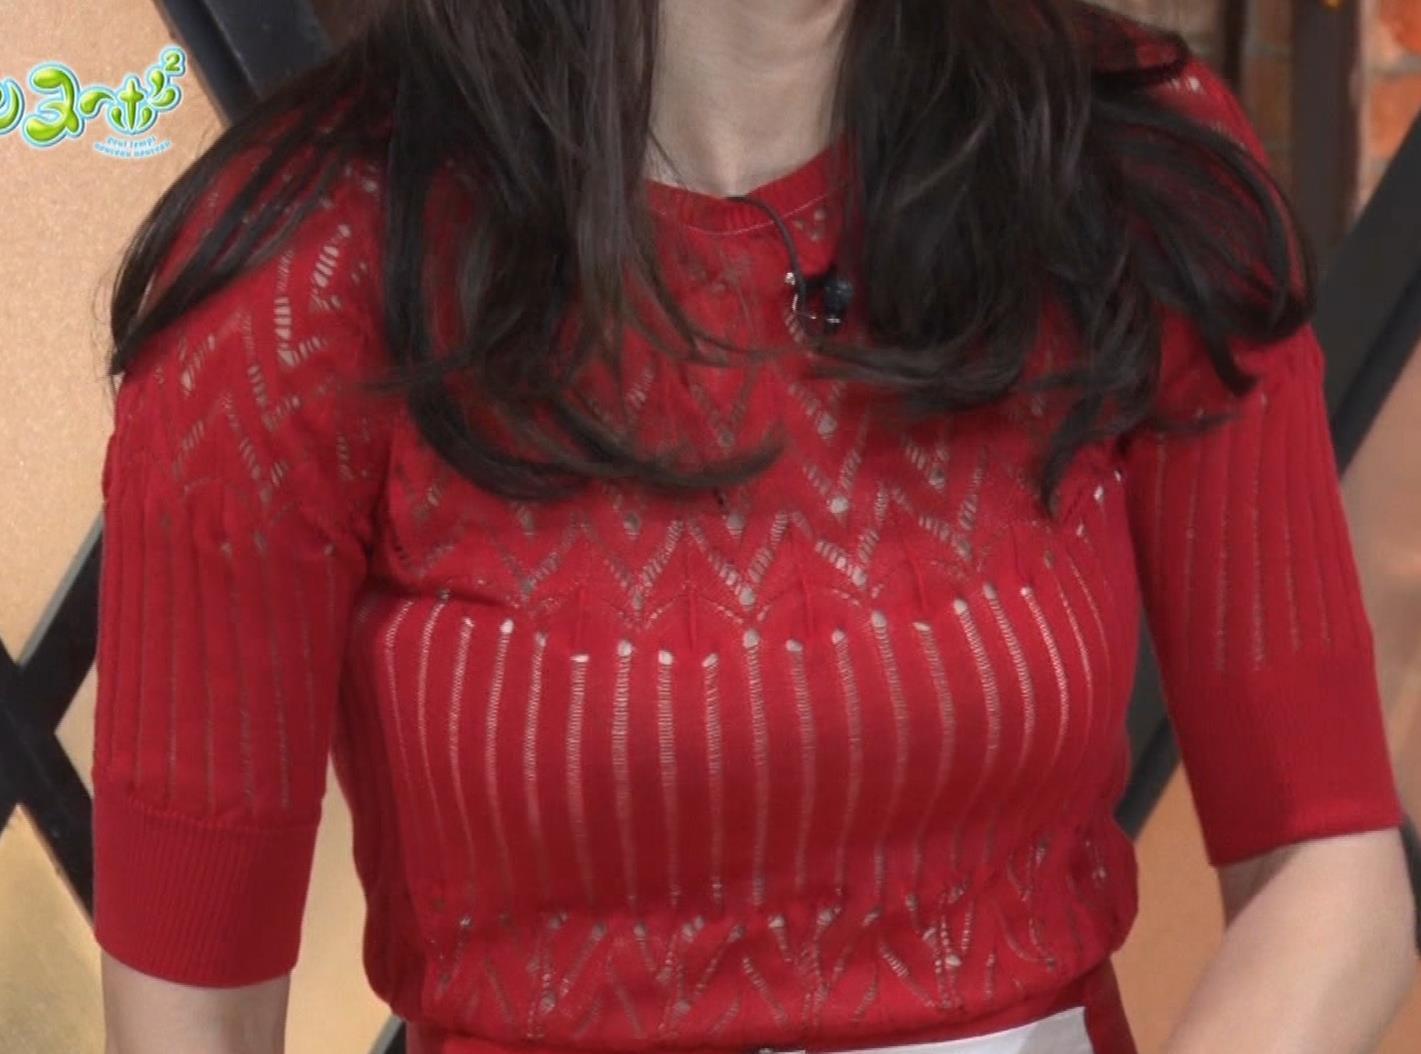 長谷川京子 ピチピチな衣装のエロ過ぎおっぱいキャプ・エロ画像7